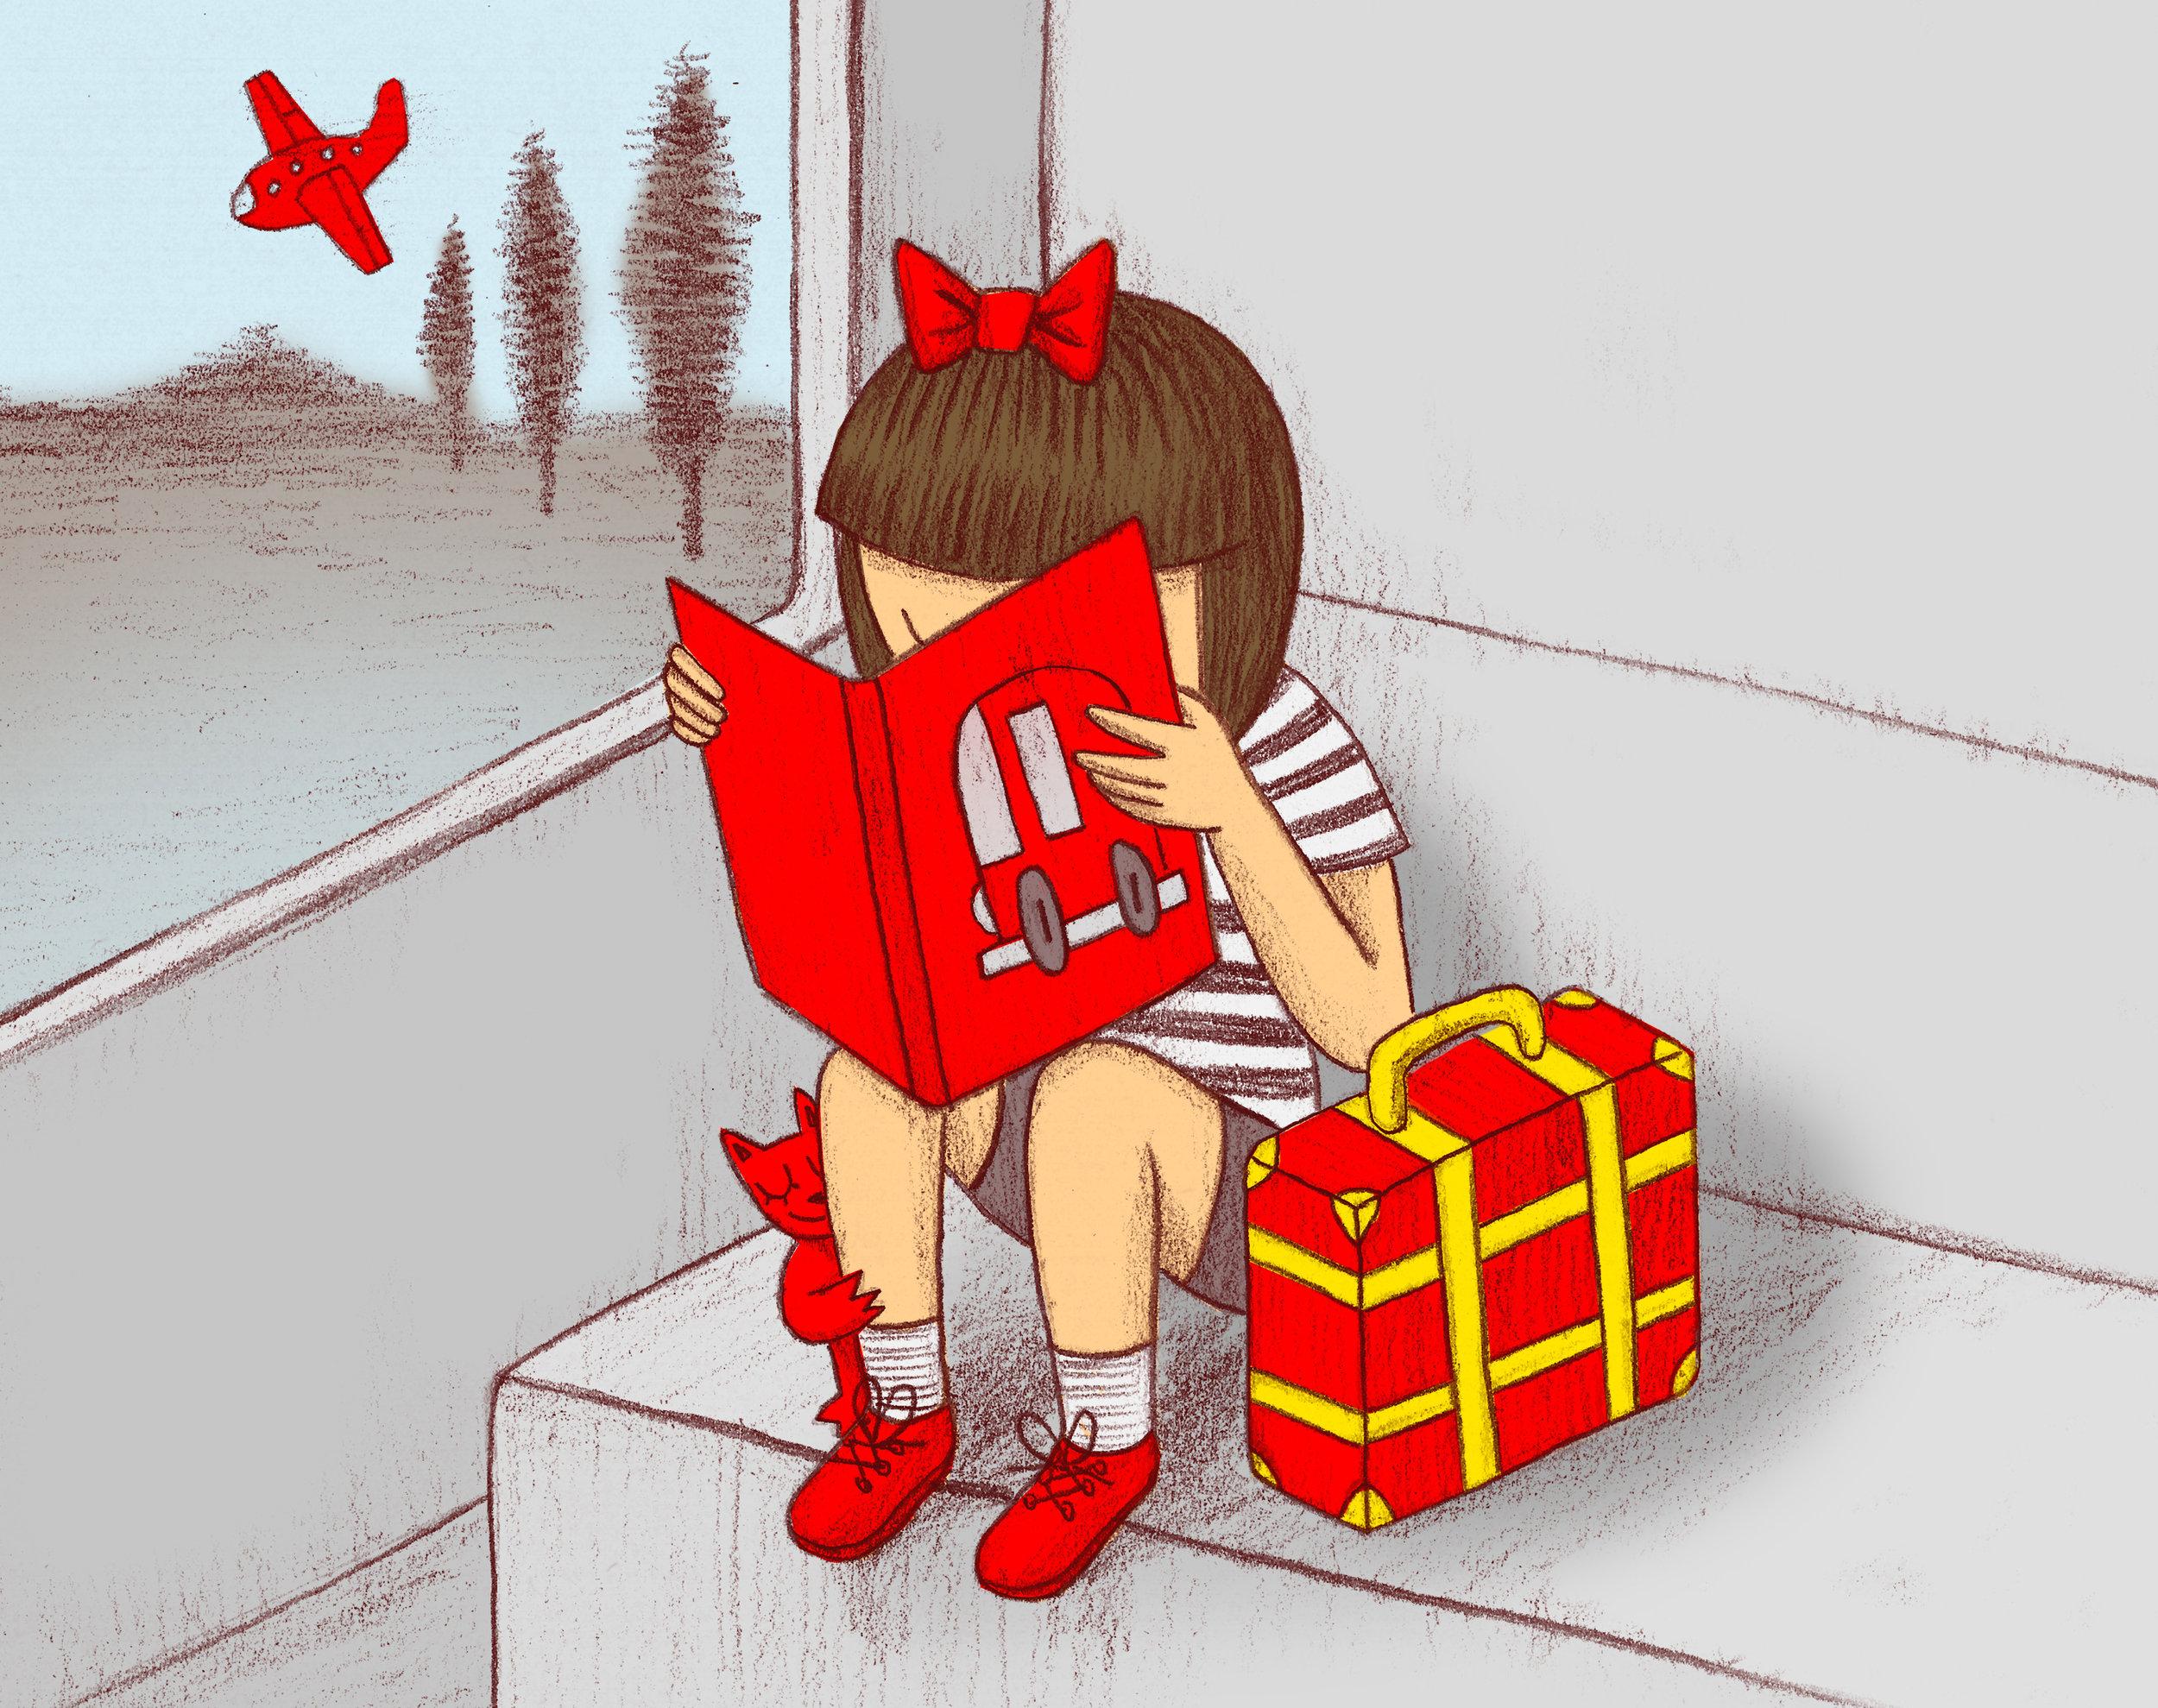 Je mets dans ma valise un livre rouge.